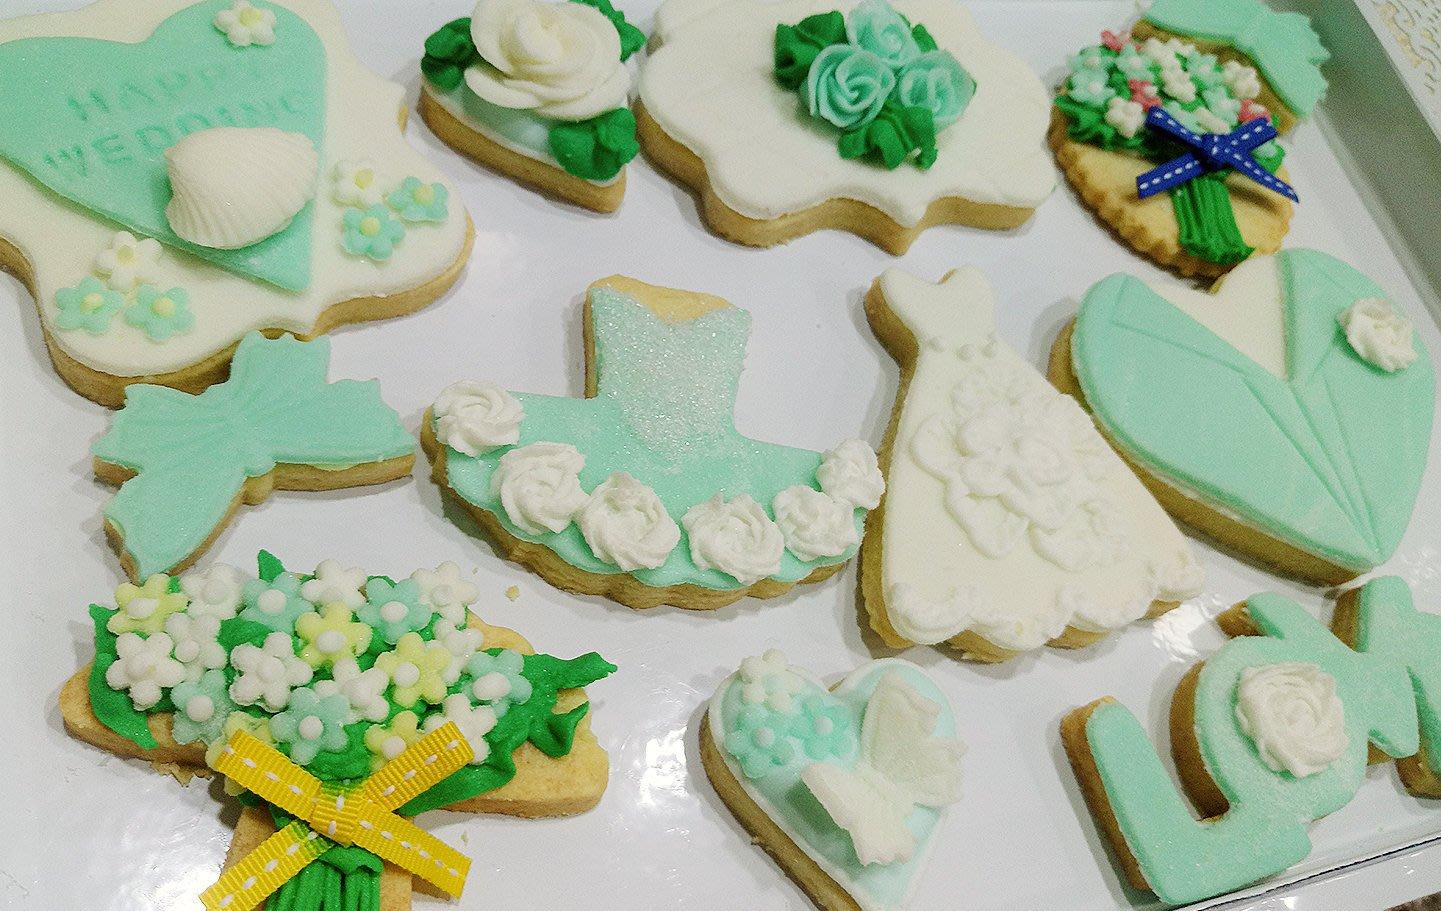 36片婚禮主題翻糖/糖霜餅乾特惠套組 tiffany主題婚禮餅乾candy bar 任選四款花色 婚禮小物 二進小物